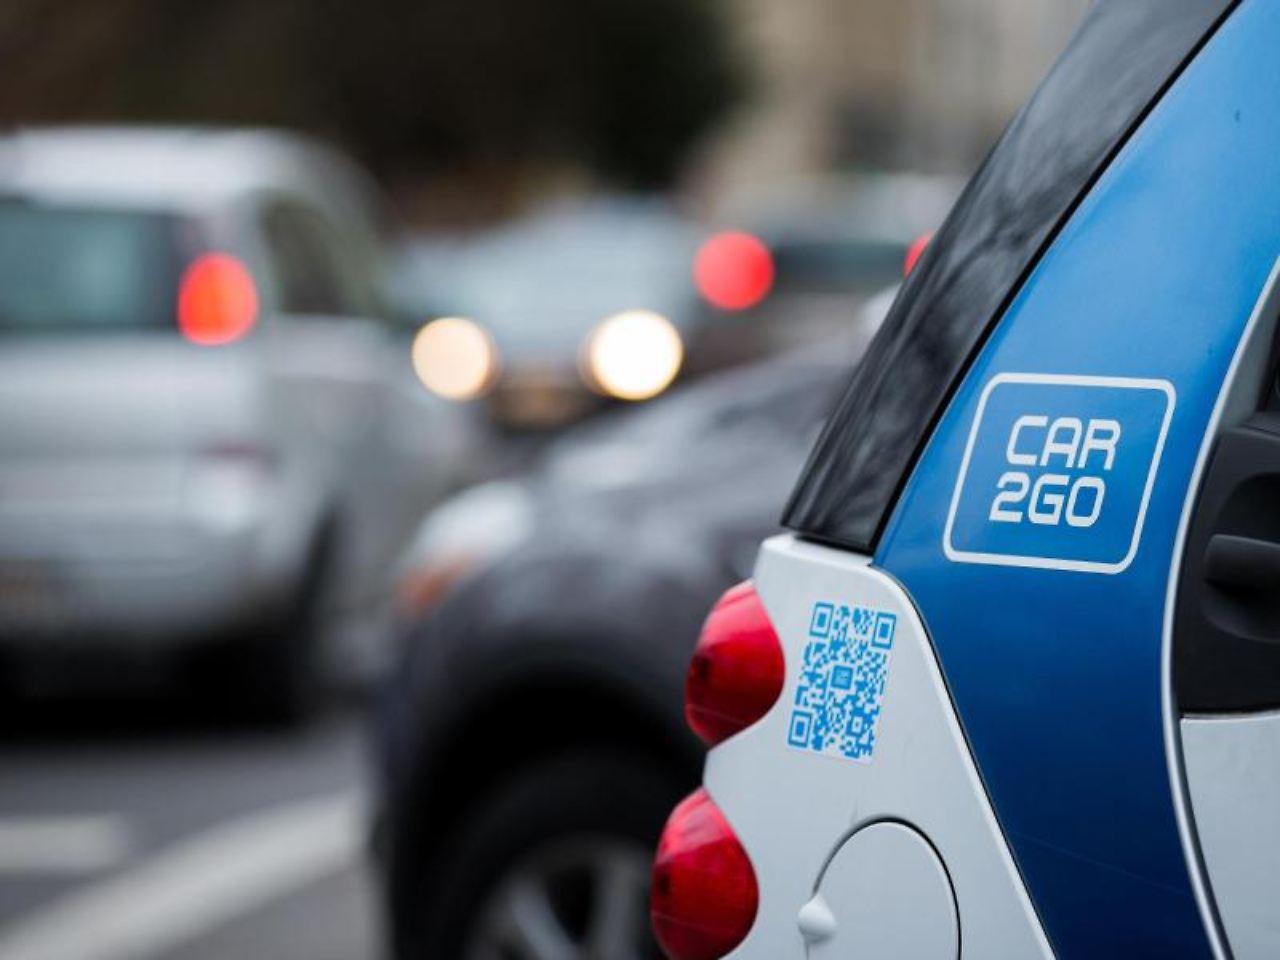 Privates Carsharing: Wer haftet beim Autoteilen? - n-tv.de